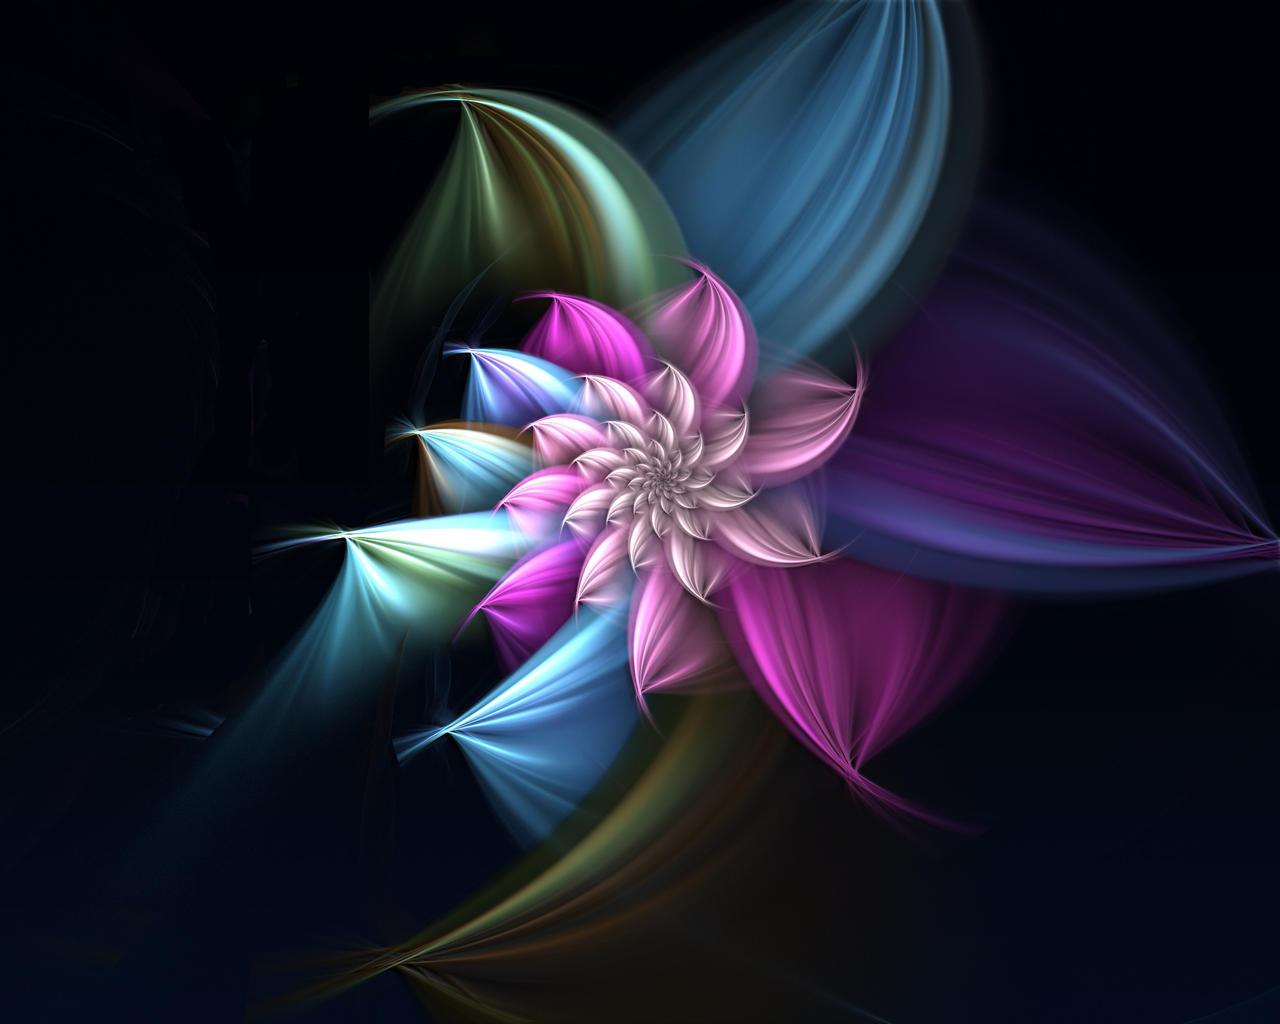 Pink Dahlia by Frankief